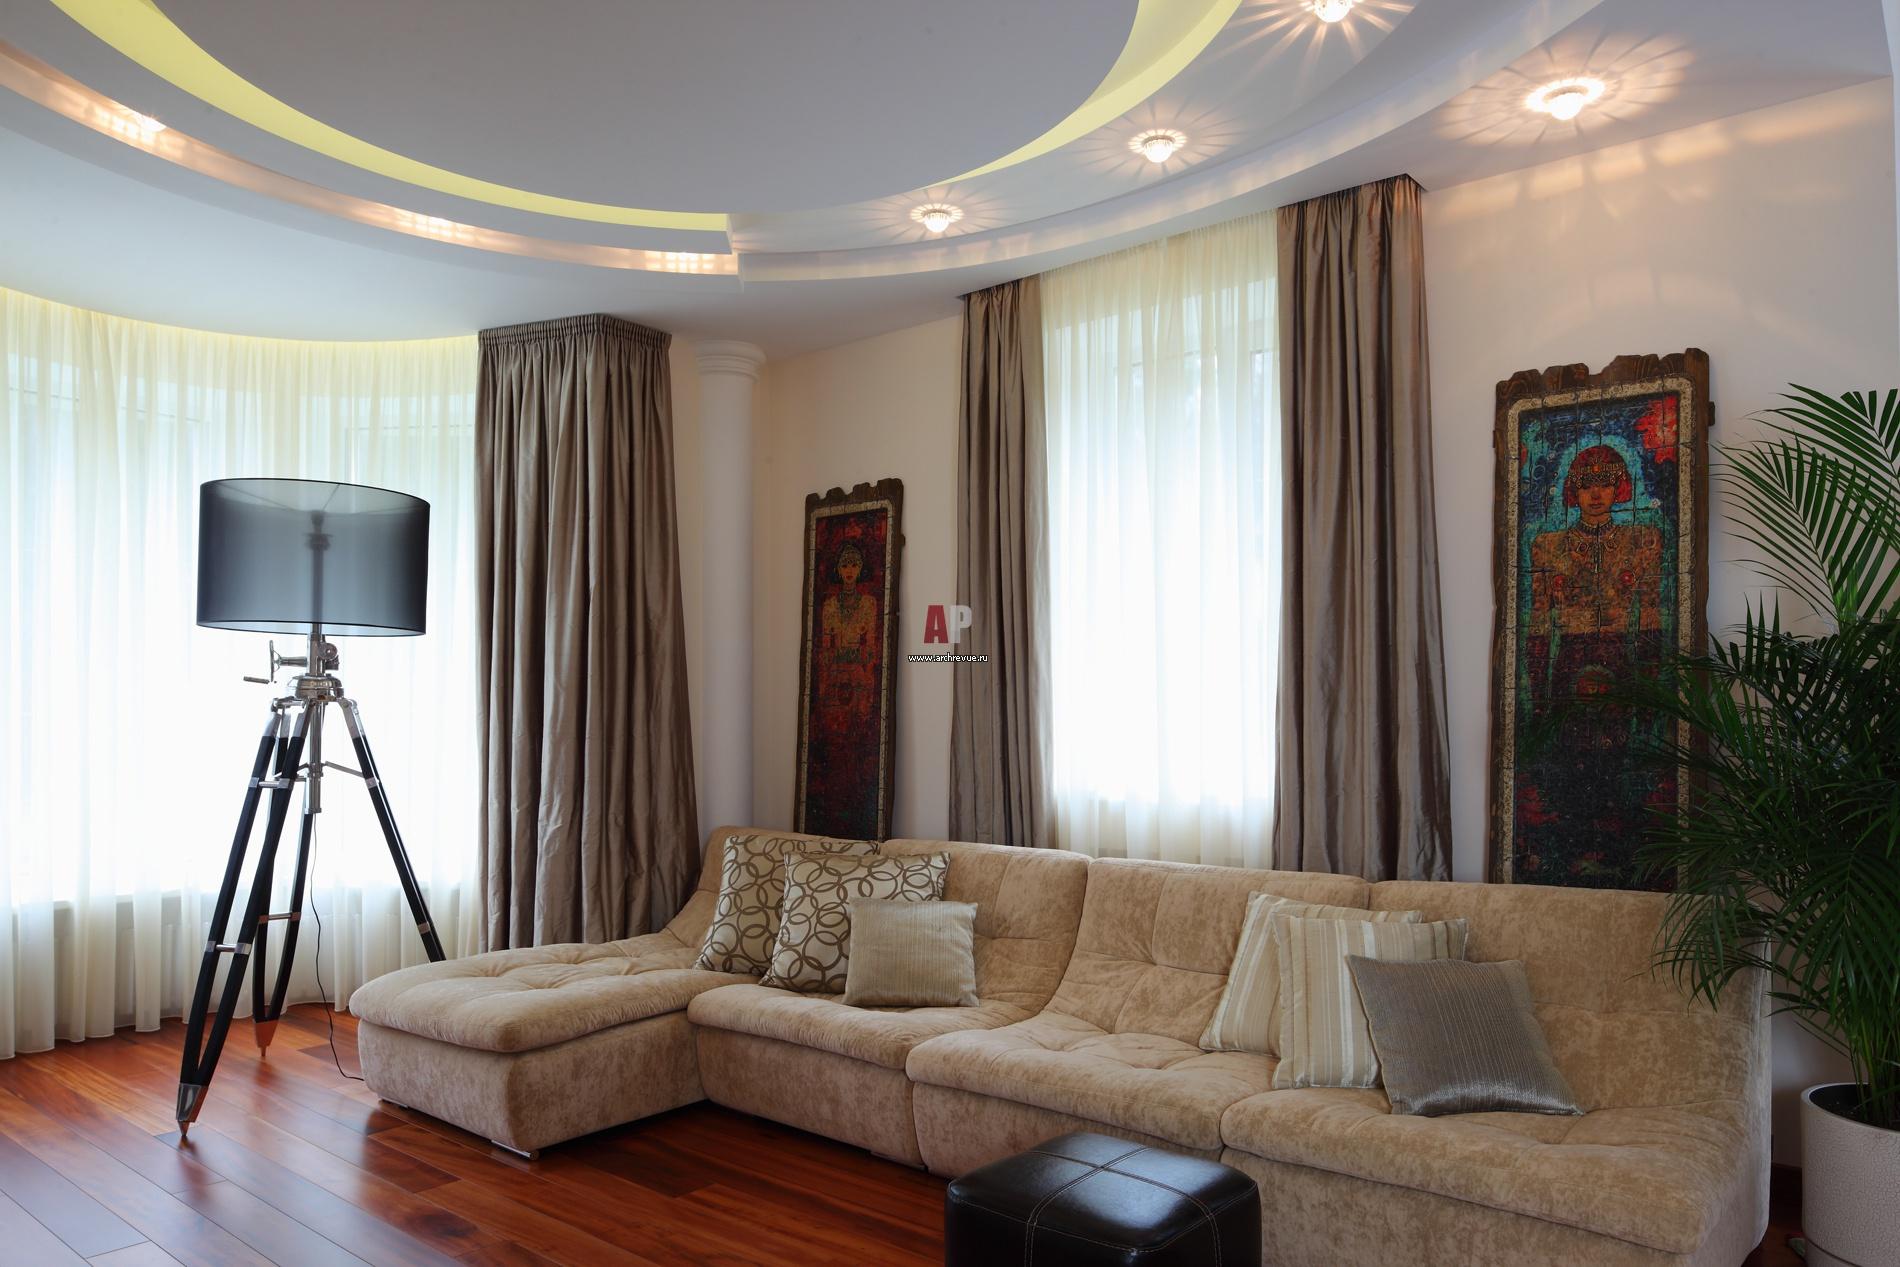 Дизайн угловой комнаты в хрущевке с двумя окнами на разных стенах фото